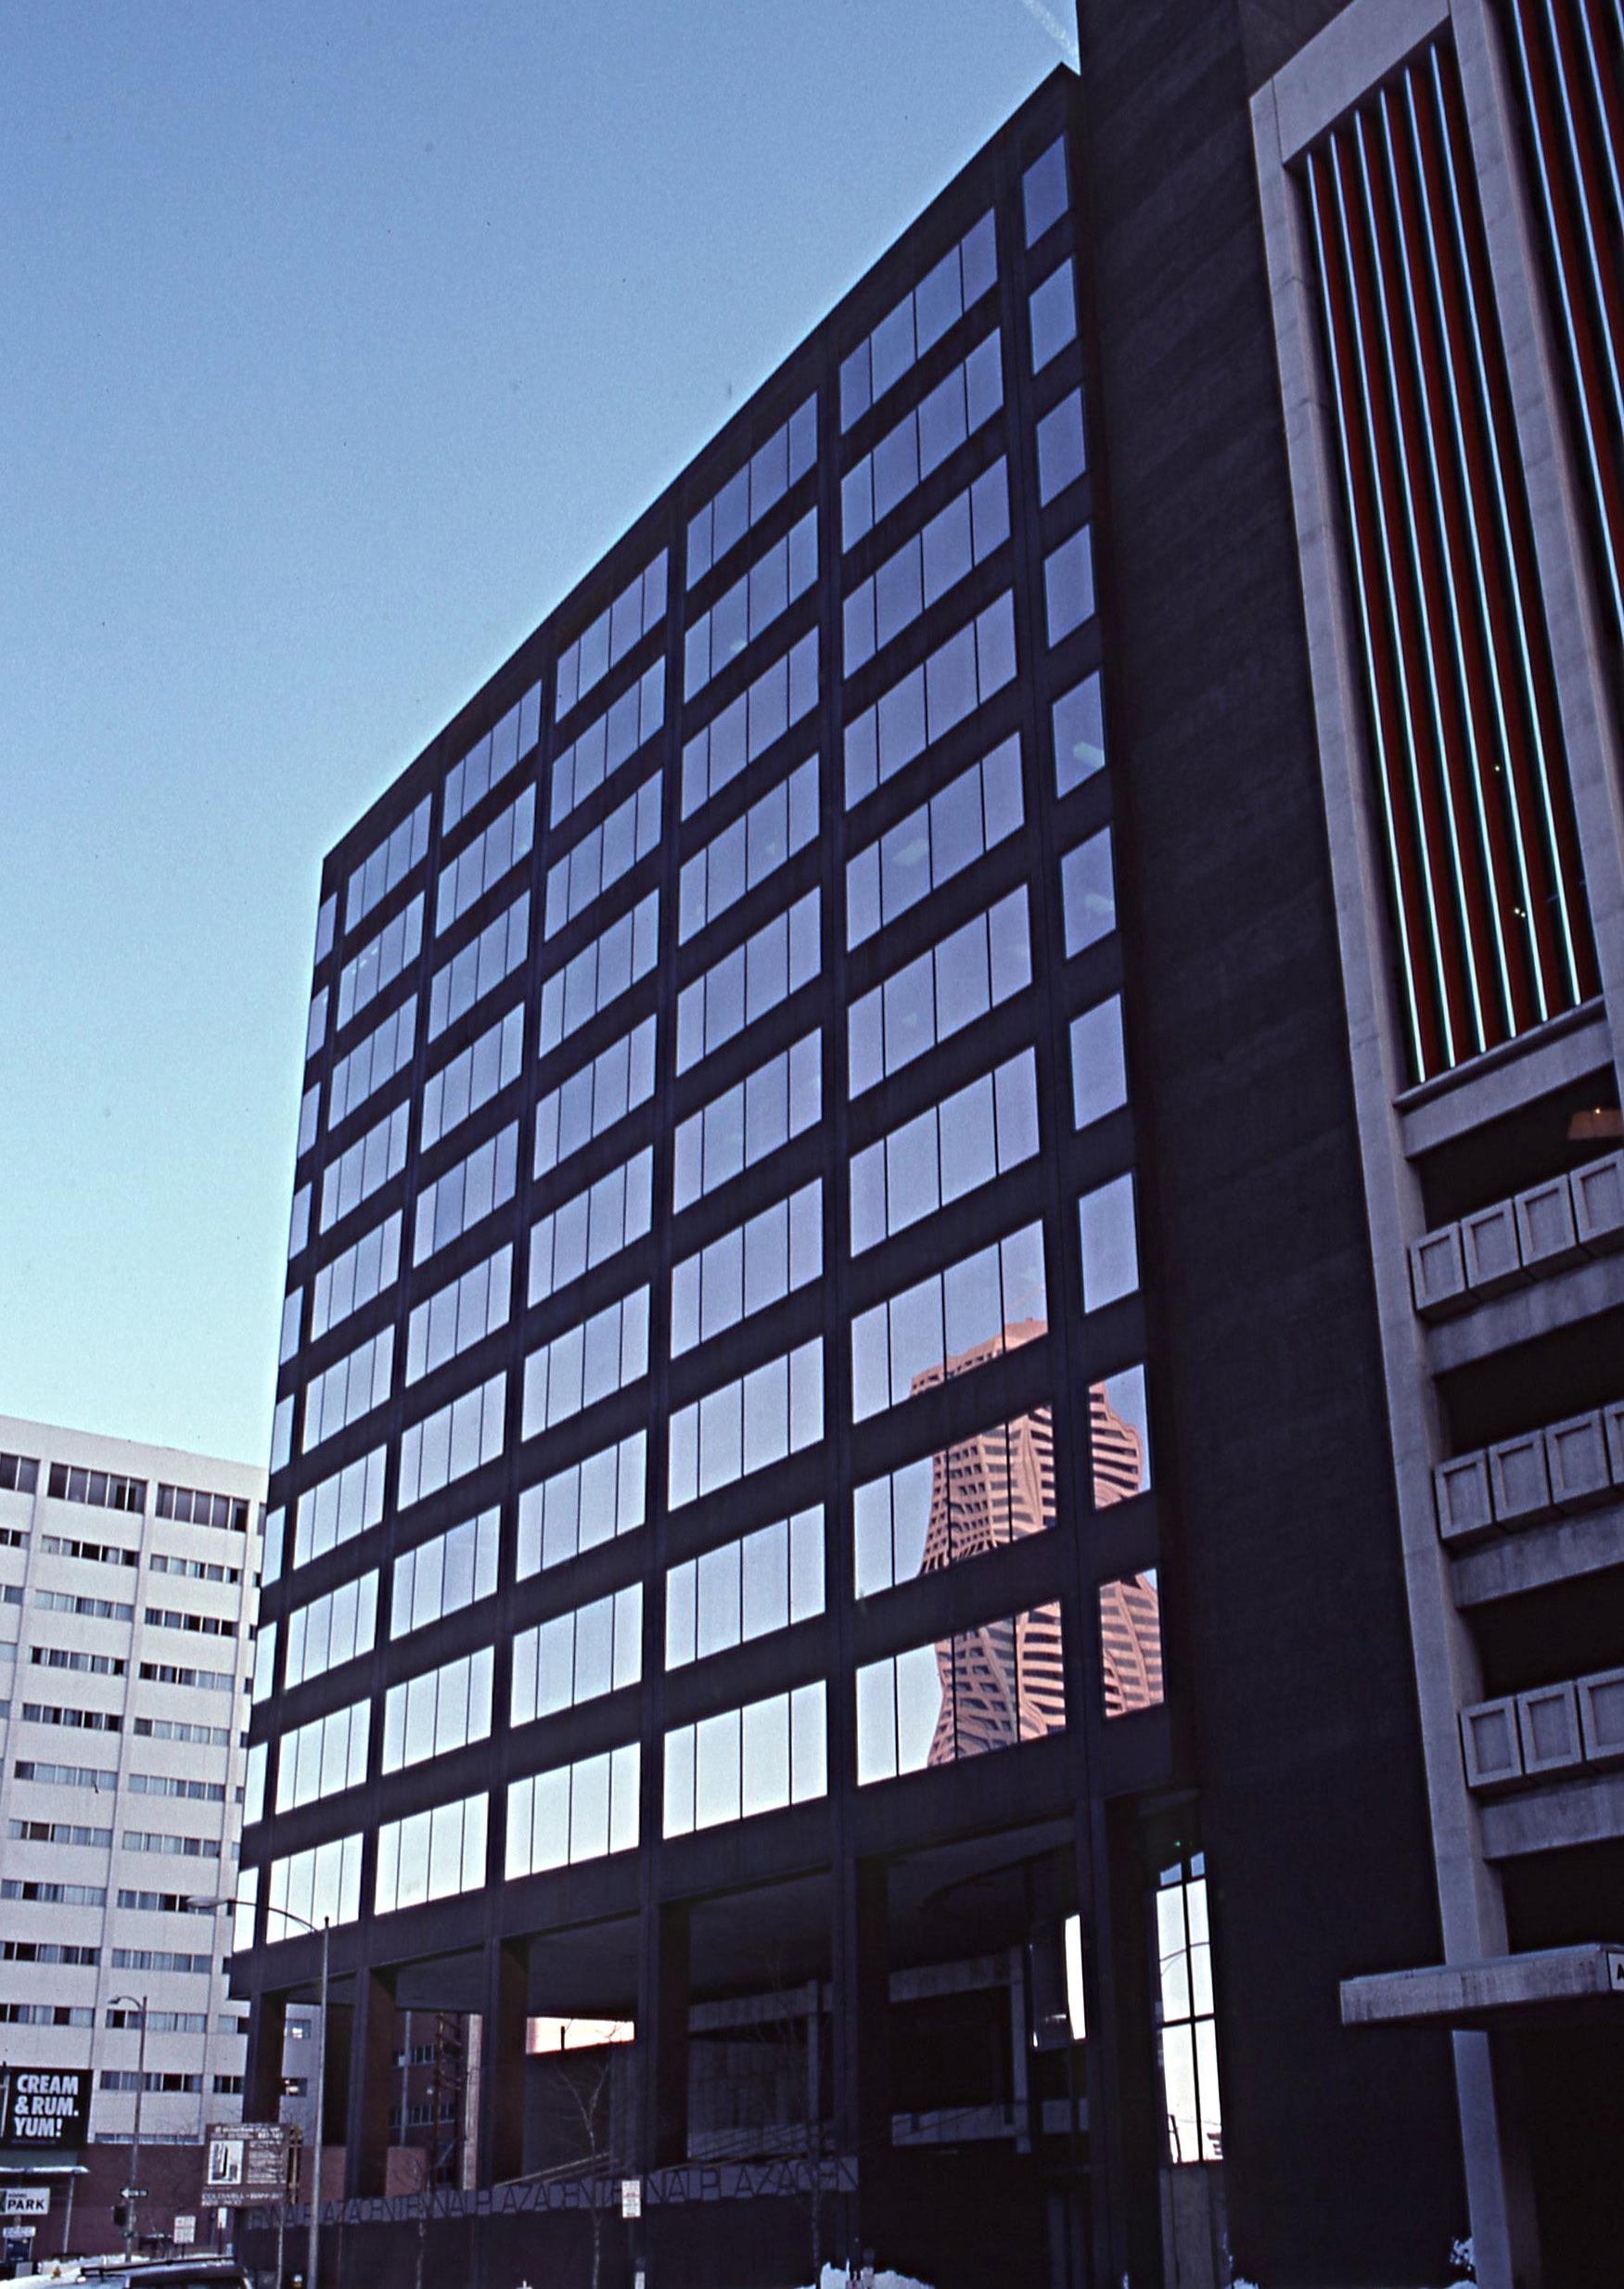 Denver Center Building011 cropped.jpg